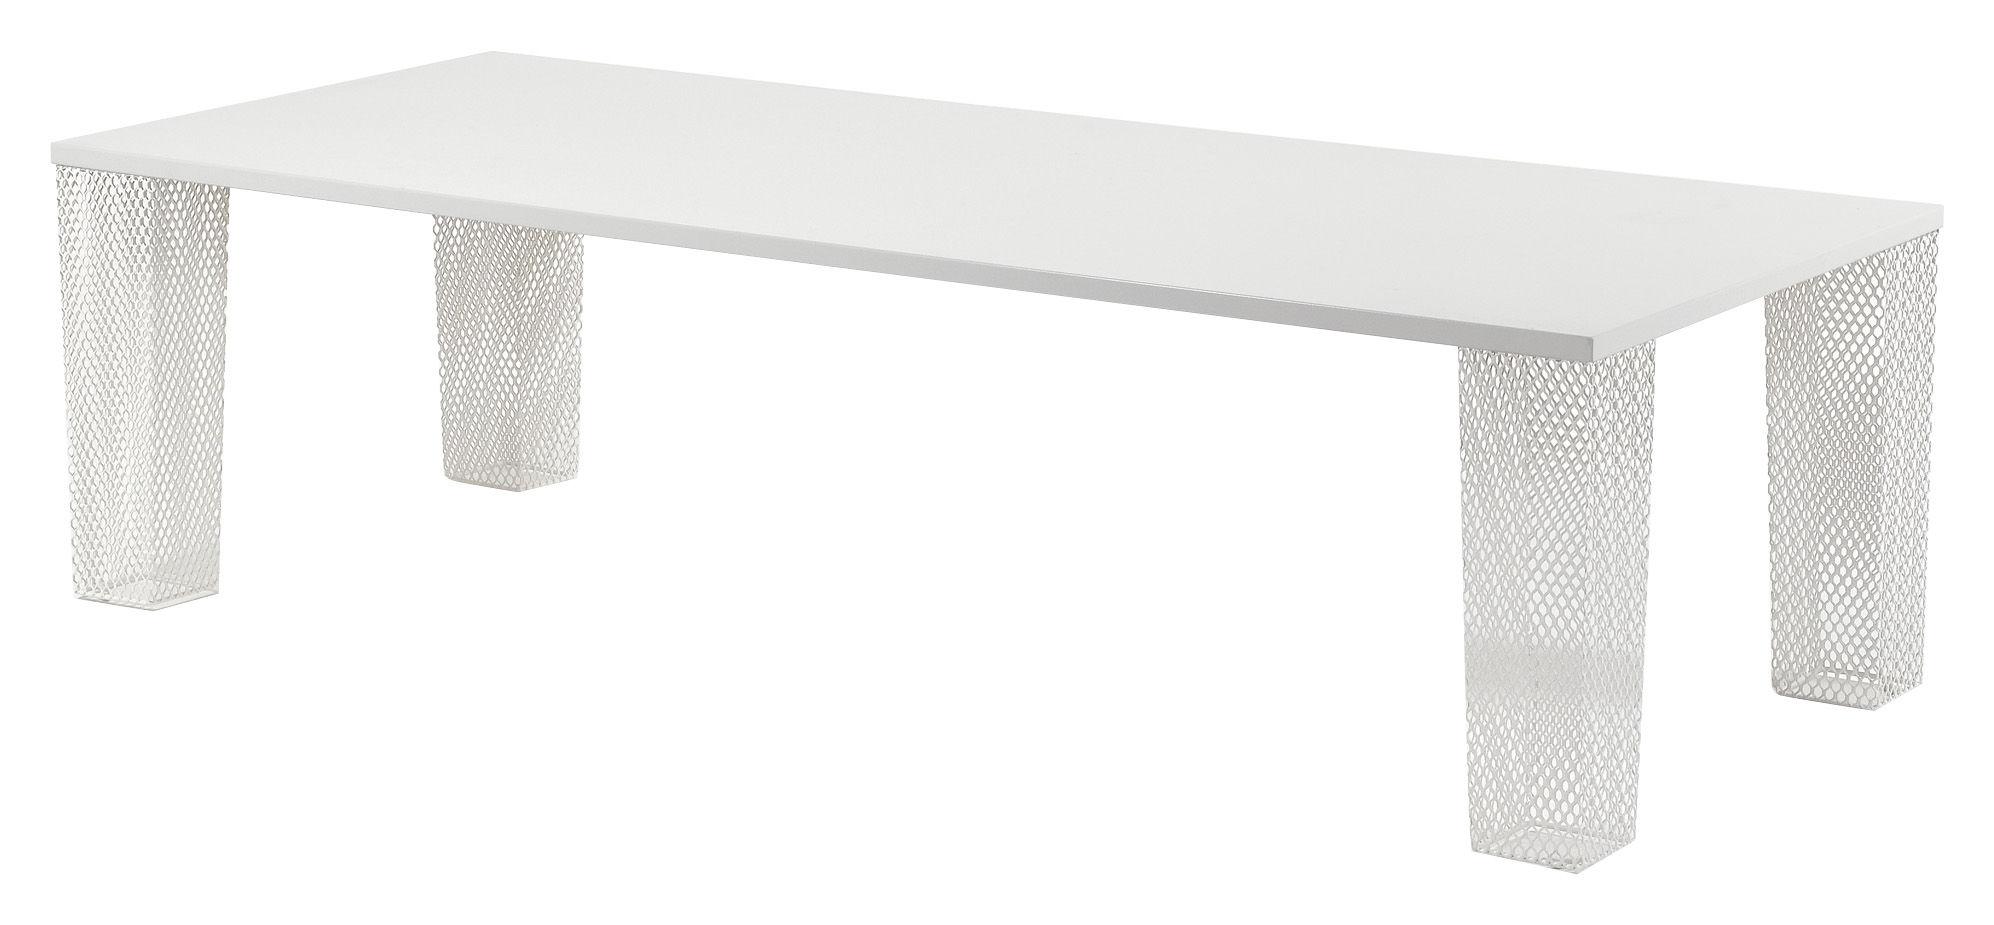 Outdoor - Tavoli  - Tavolo rettangolare Ivy - Versione lamiera di Emu - Bianco - Acciaio